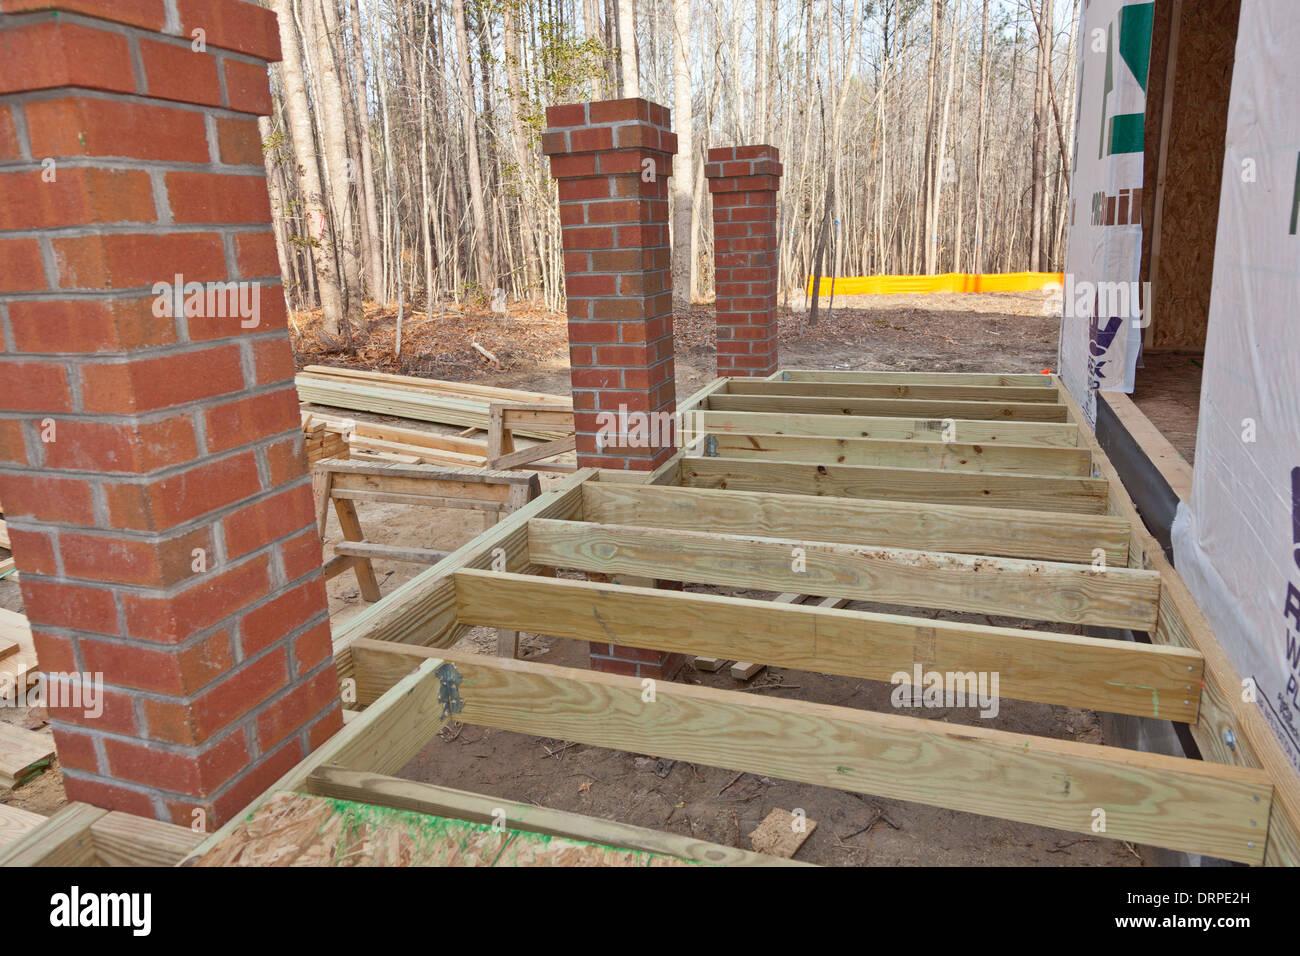 New home construction ossature de bois et d tails d 39 un for Construction en brique de bois